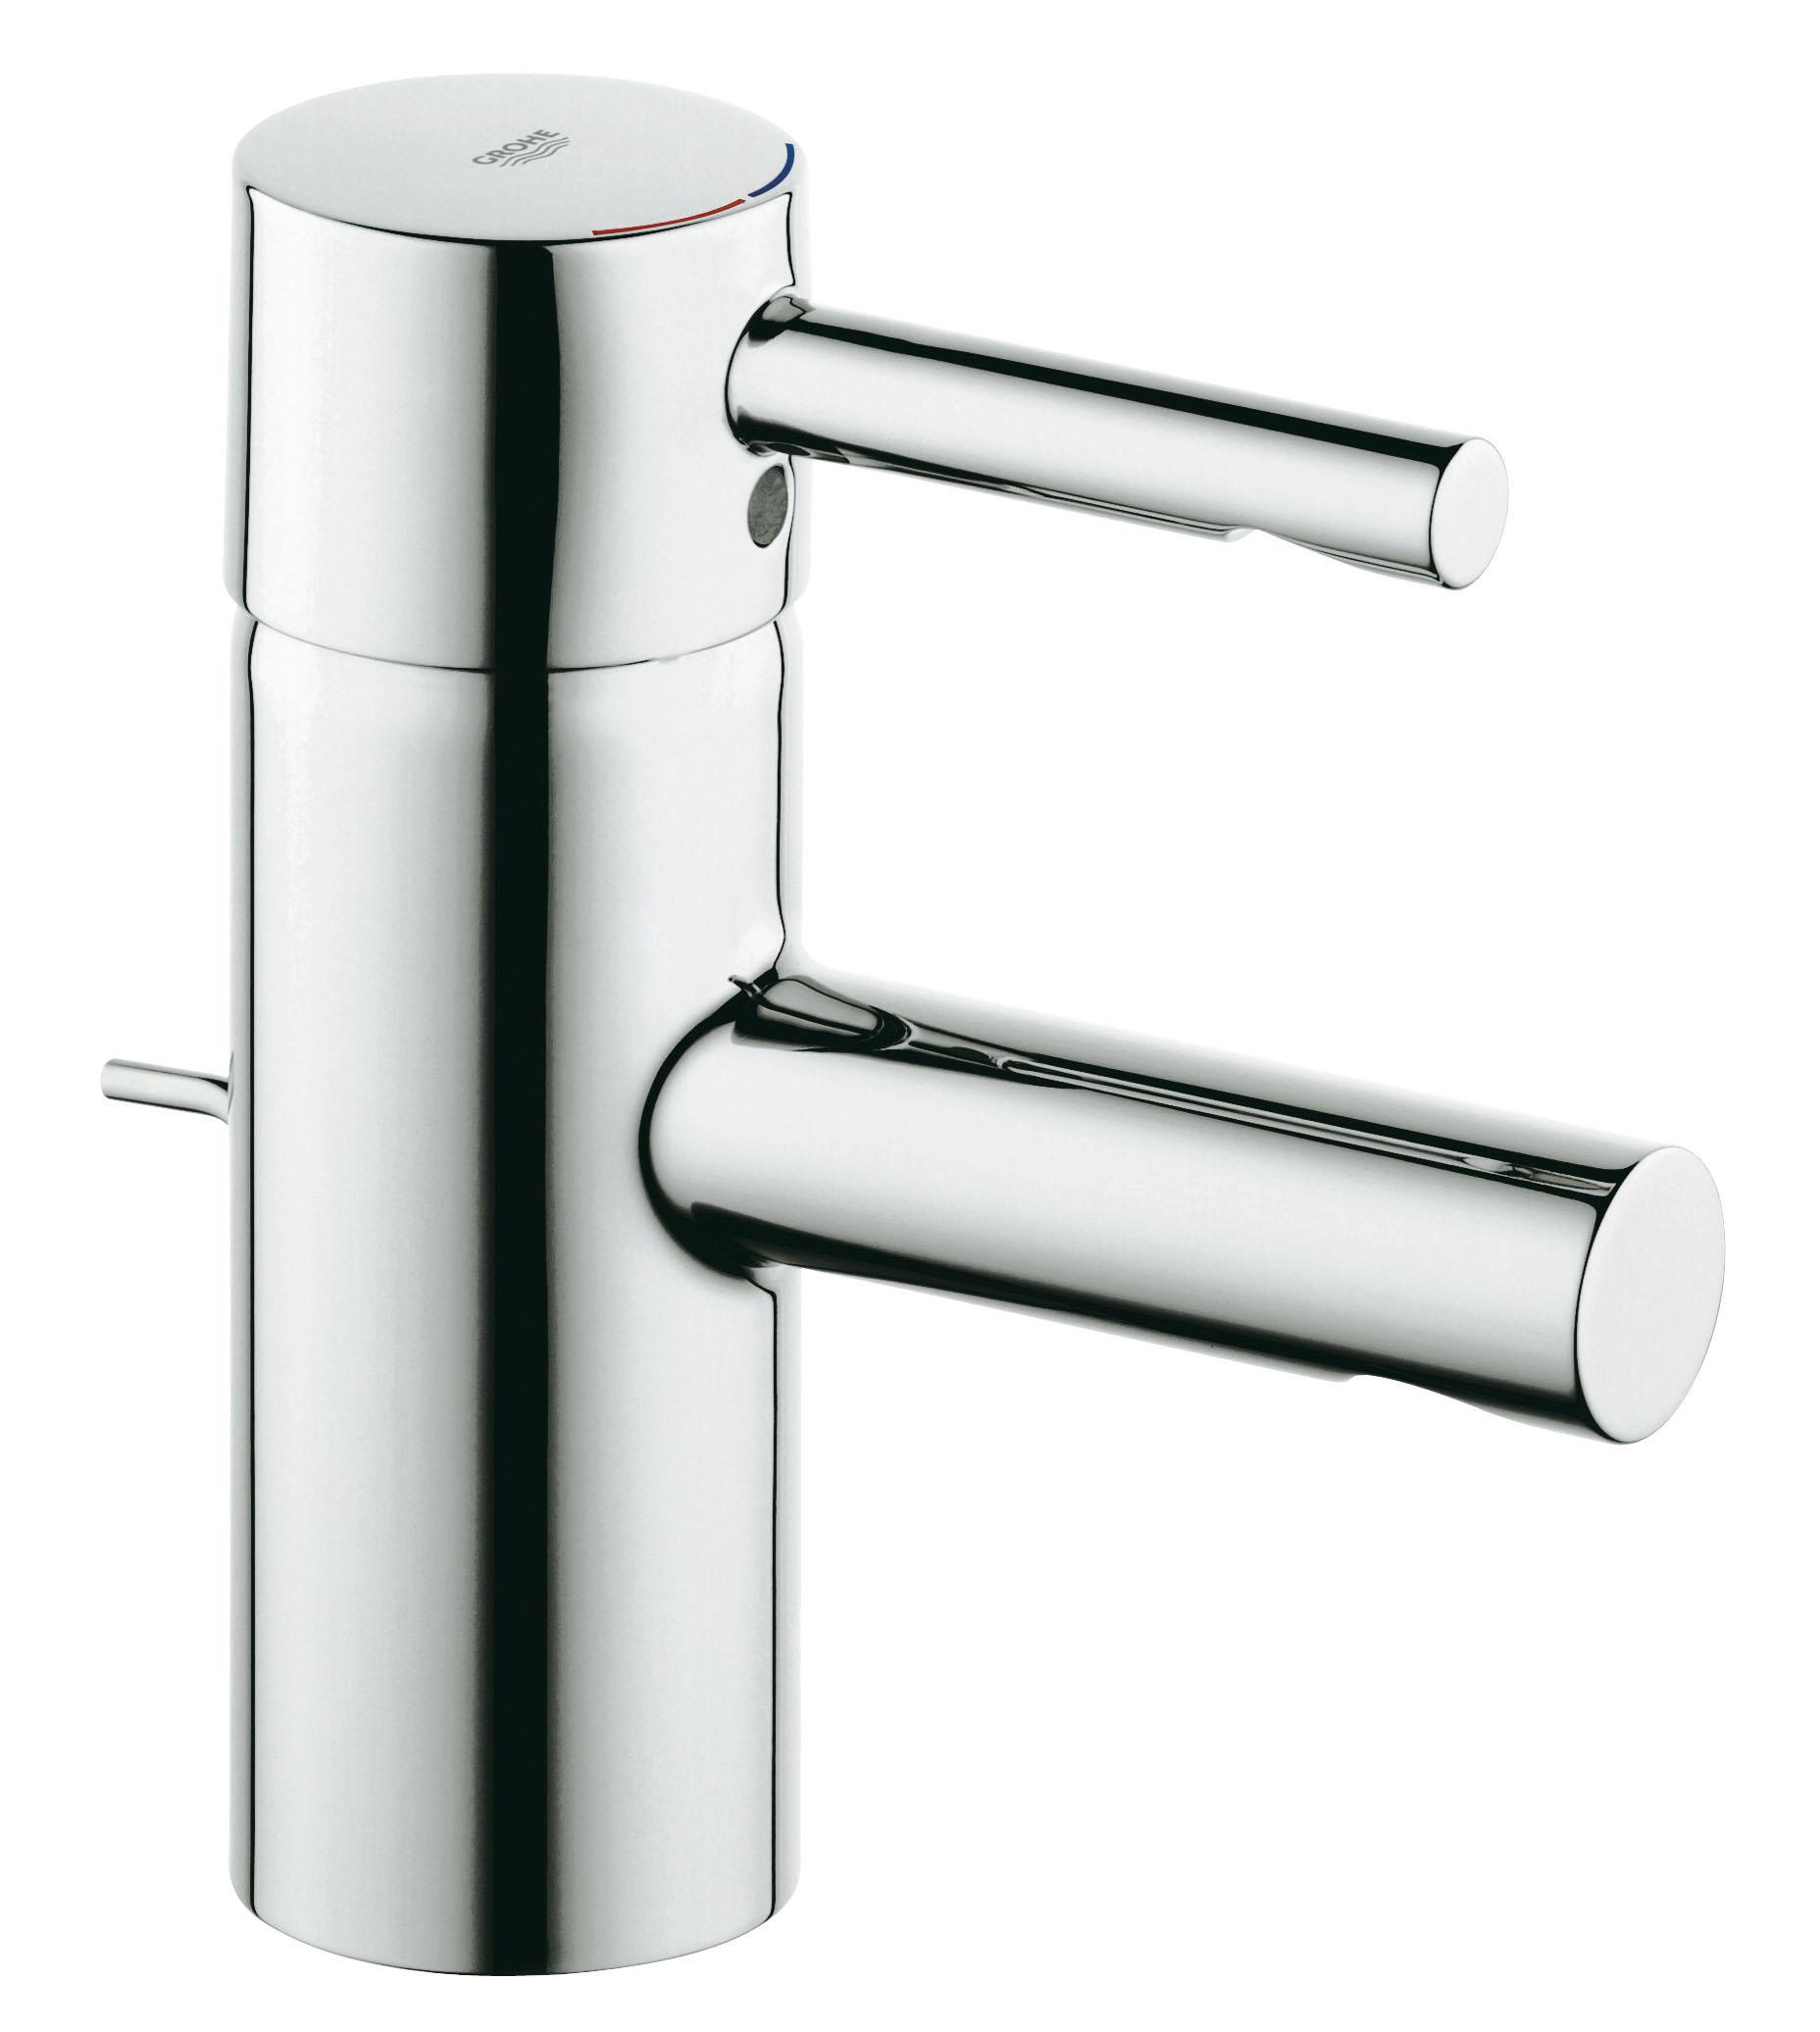 Смеситель для раковины GROHE Essence с донным клапаном (33562000)BL505GROHE Essence: смеситель для ванной комнаты с неизменно актуальным дизайном и глянцевым покрытием Элегантный и гармоничный дизайн, основанный на цилиндрических формах, – отличительный признак серии GROHE Essence. Данный смеситель для ванной комнаты обеспечен множеством полезных функций, дополняющих его привлекательный внешний вид: к примеру, технология GROHE SilkMove обеспечивает плавность регулировки напора и температуры воды, а встроенный подъемный шток позволяет легко открывать и закрывать сливной клапан. Хромированное покрытие GROHE StarLight обеспечивает смесителю неприхотливость в уходе, а также сохранение ослепительного блеска на многие годы. Благодаря всем этим преимуществам, а также быстроте установки за счет системы упрощенного монтажа, данный однорычажный смеситель представляет собой идеальный выбор во всех отношениях.Особенности:Монтаж на одно отверстие GROHE SilkMove керамический картридж 35 мм Регулировка расхода воды Встроенный аэратор Гибкая подводка Сливной гарнитур 1 1/4? Система быстрого монтажа Скрытое крепление рычага GROHE StarLight хромированная поверхностьДополнительный ограничитель температуры (46 375 000) Видео по установке является исключительно информационным. Установка должна проводиться профессионалами!